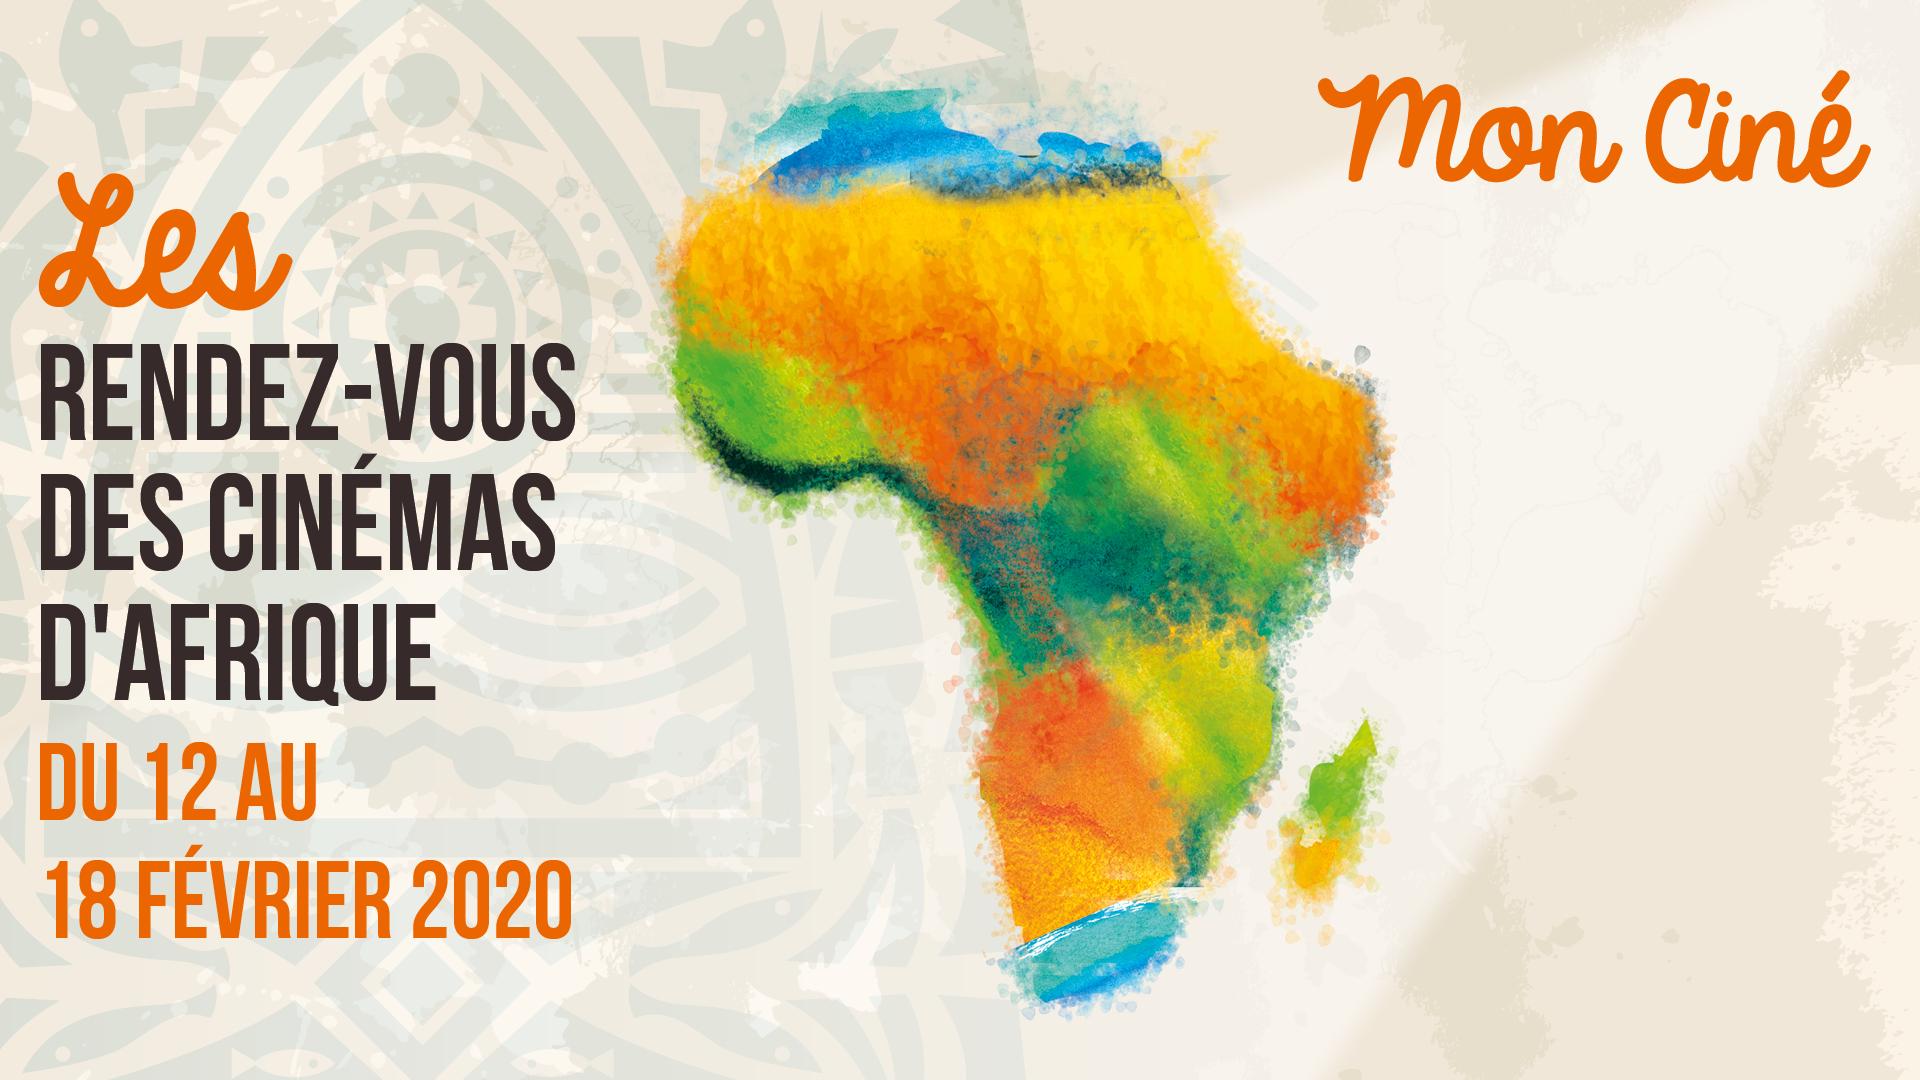 Les Rendez-vous des cinémas d'Afrique 2020